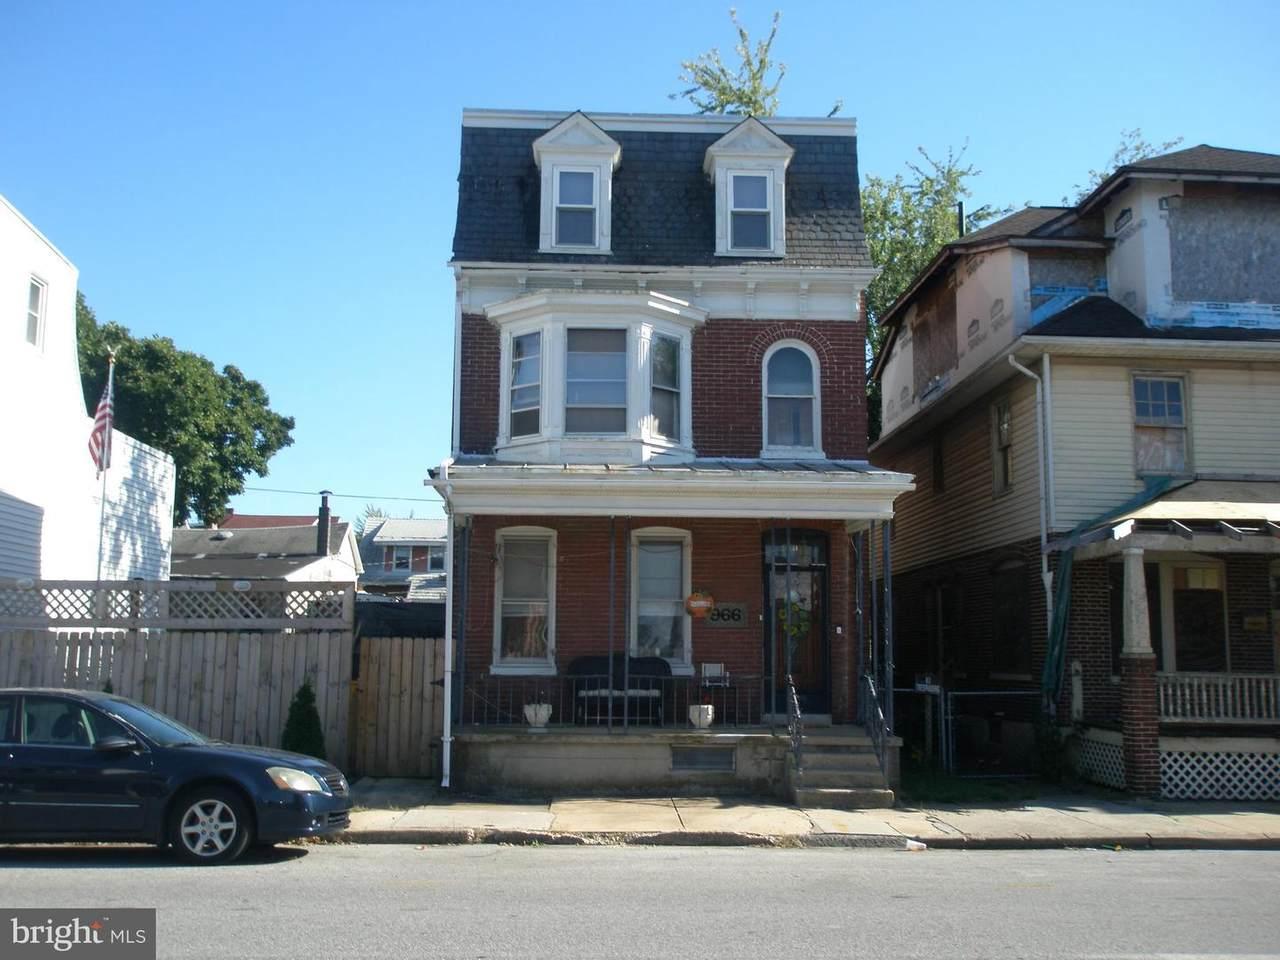 966 Philadelphia Street - Photo 1